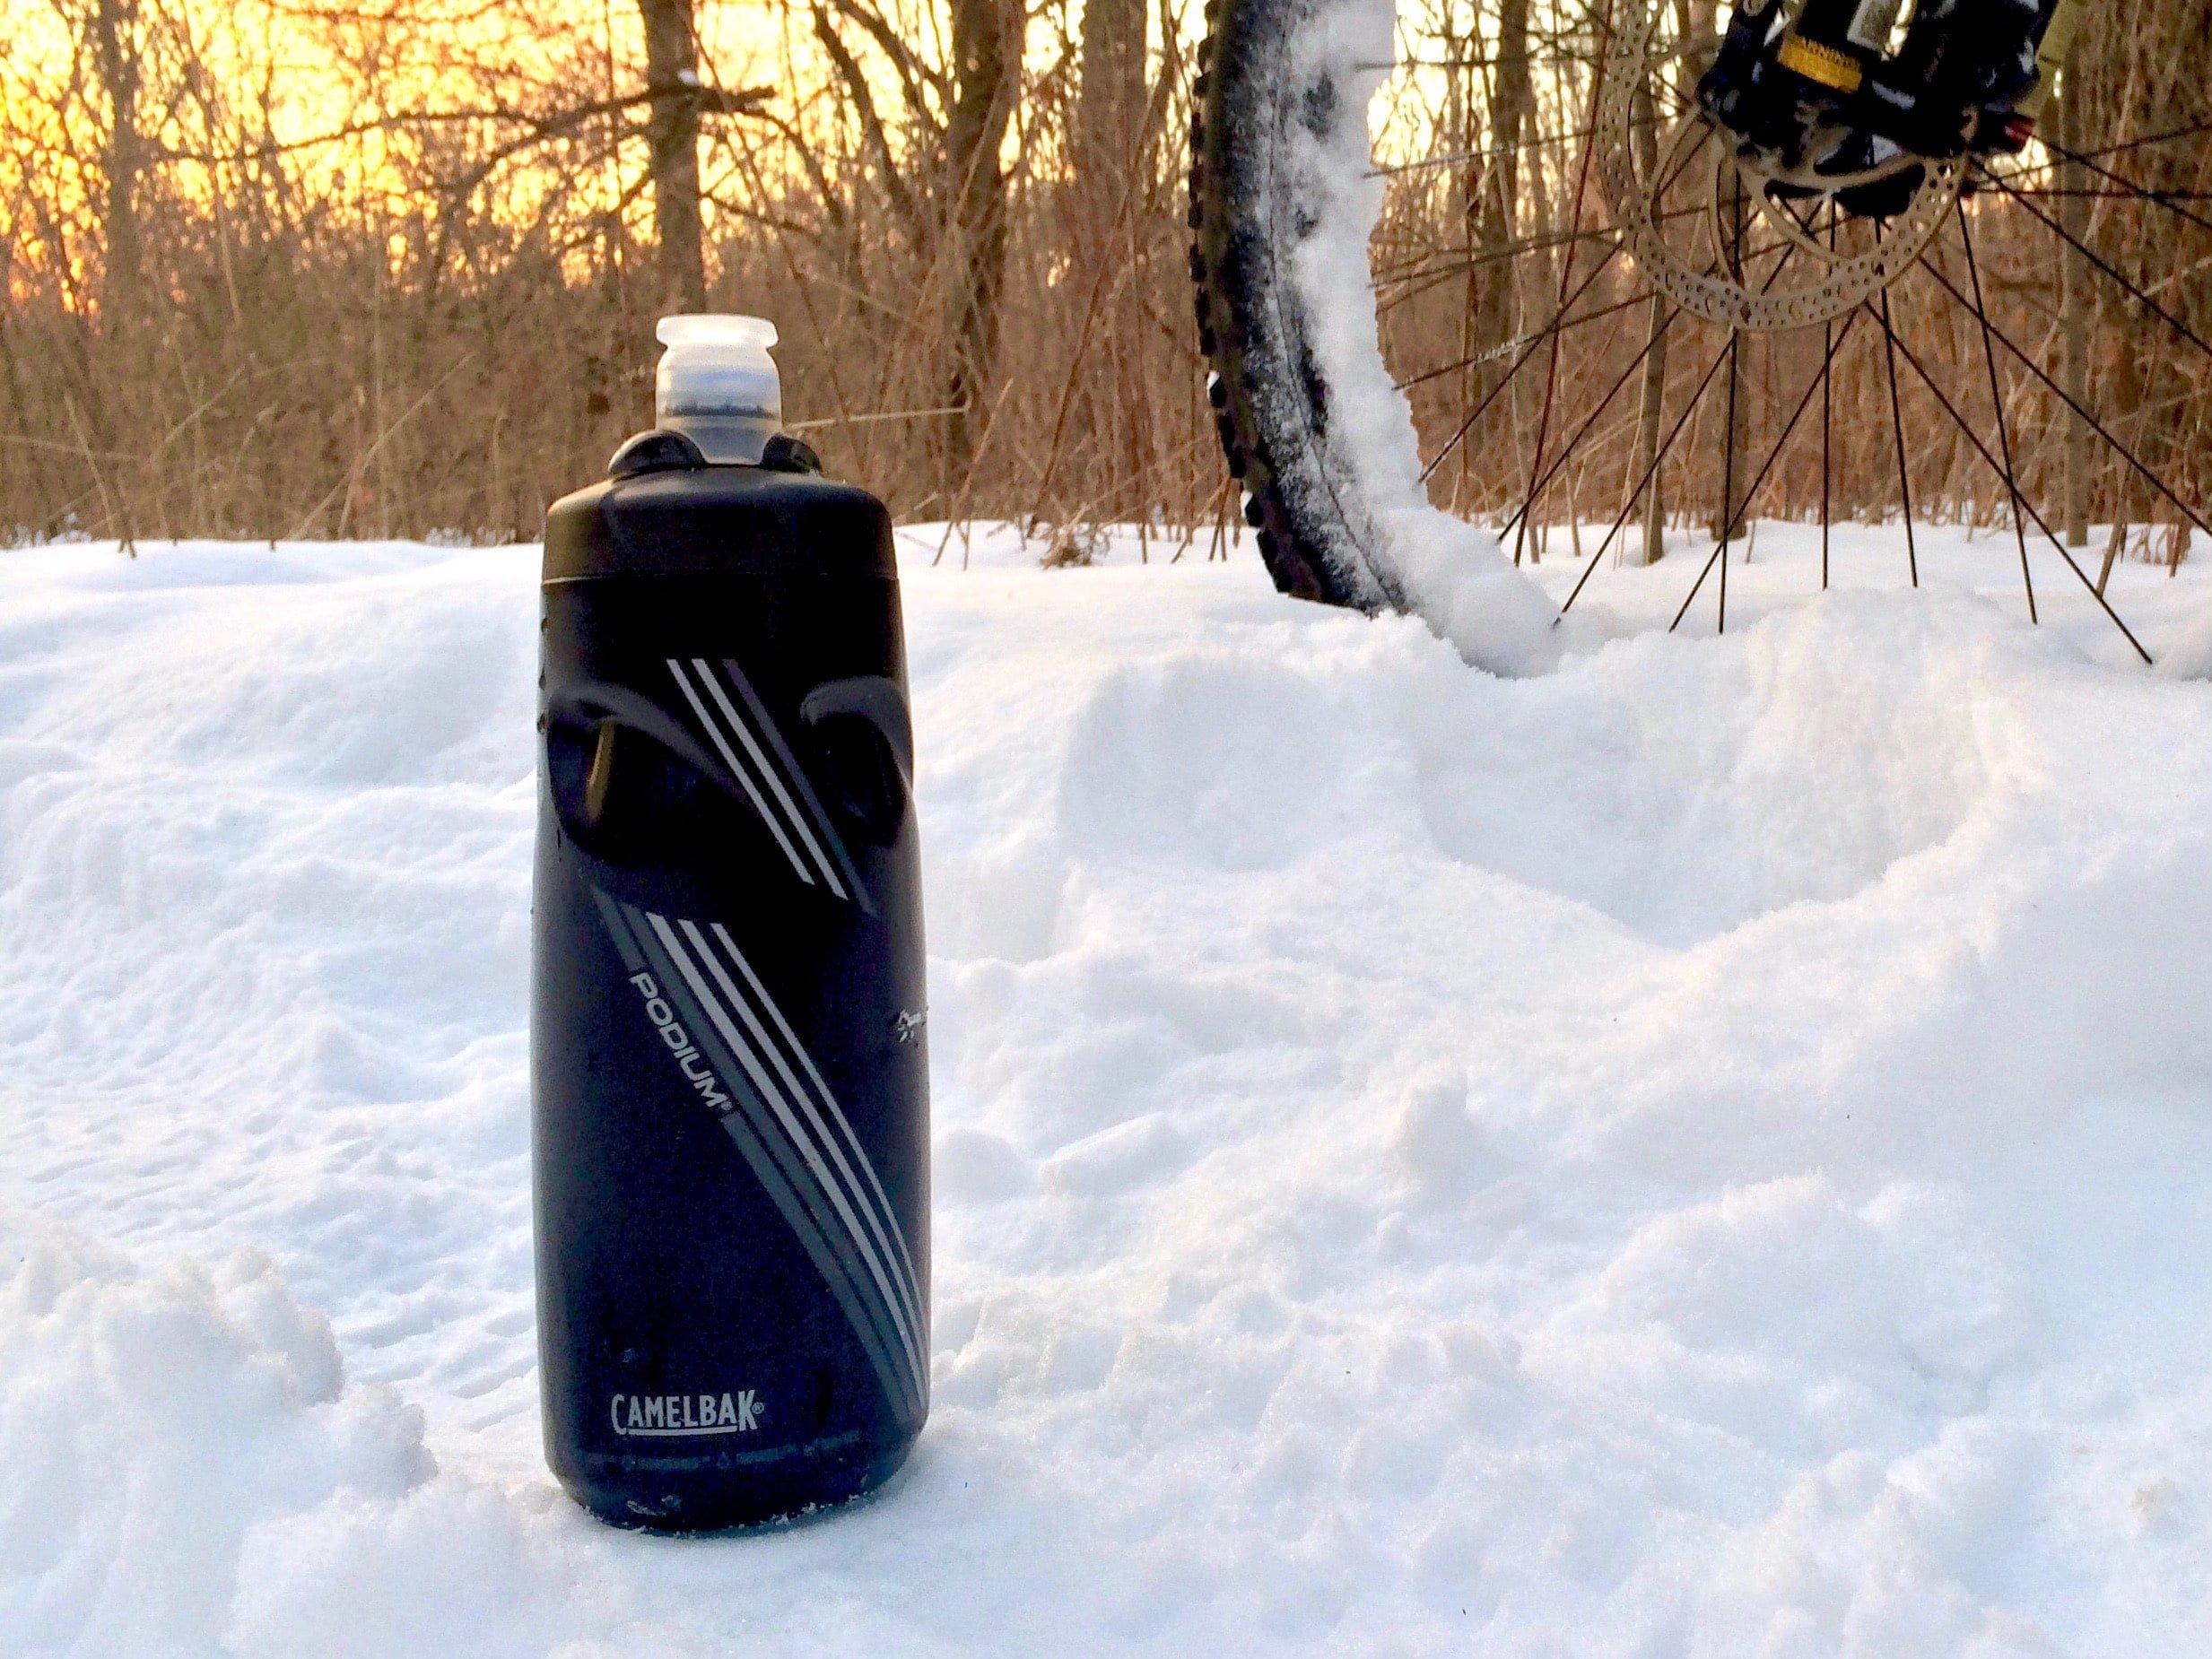 Camelbak Podium VS a Regular Water Bottle